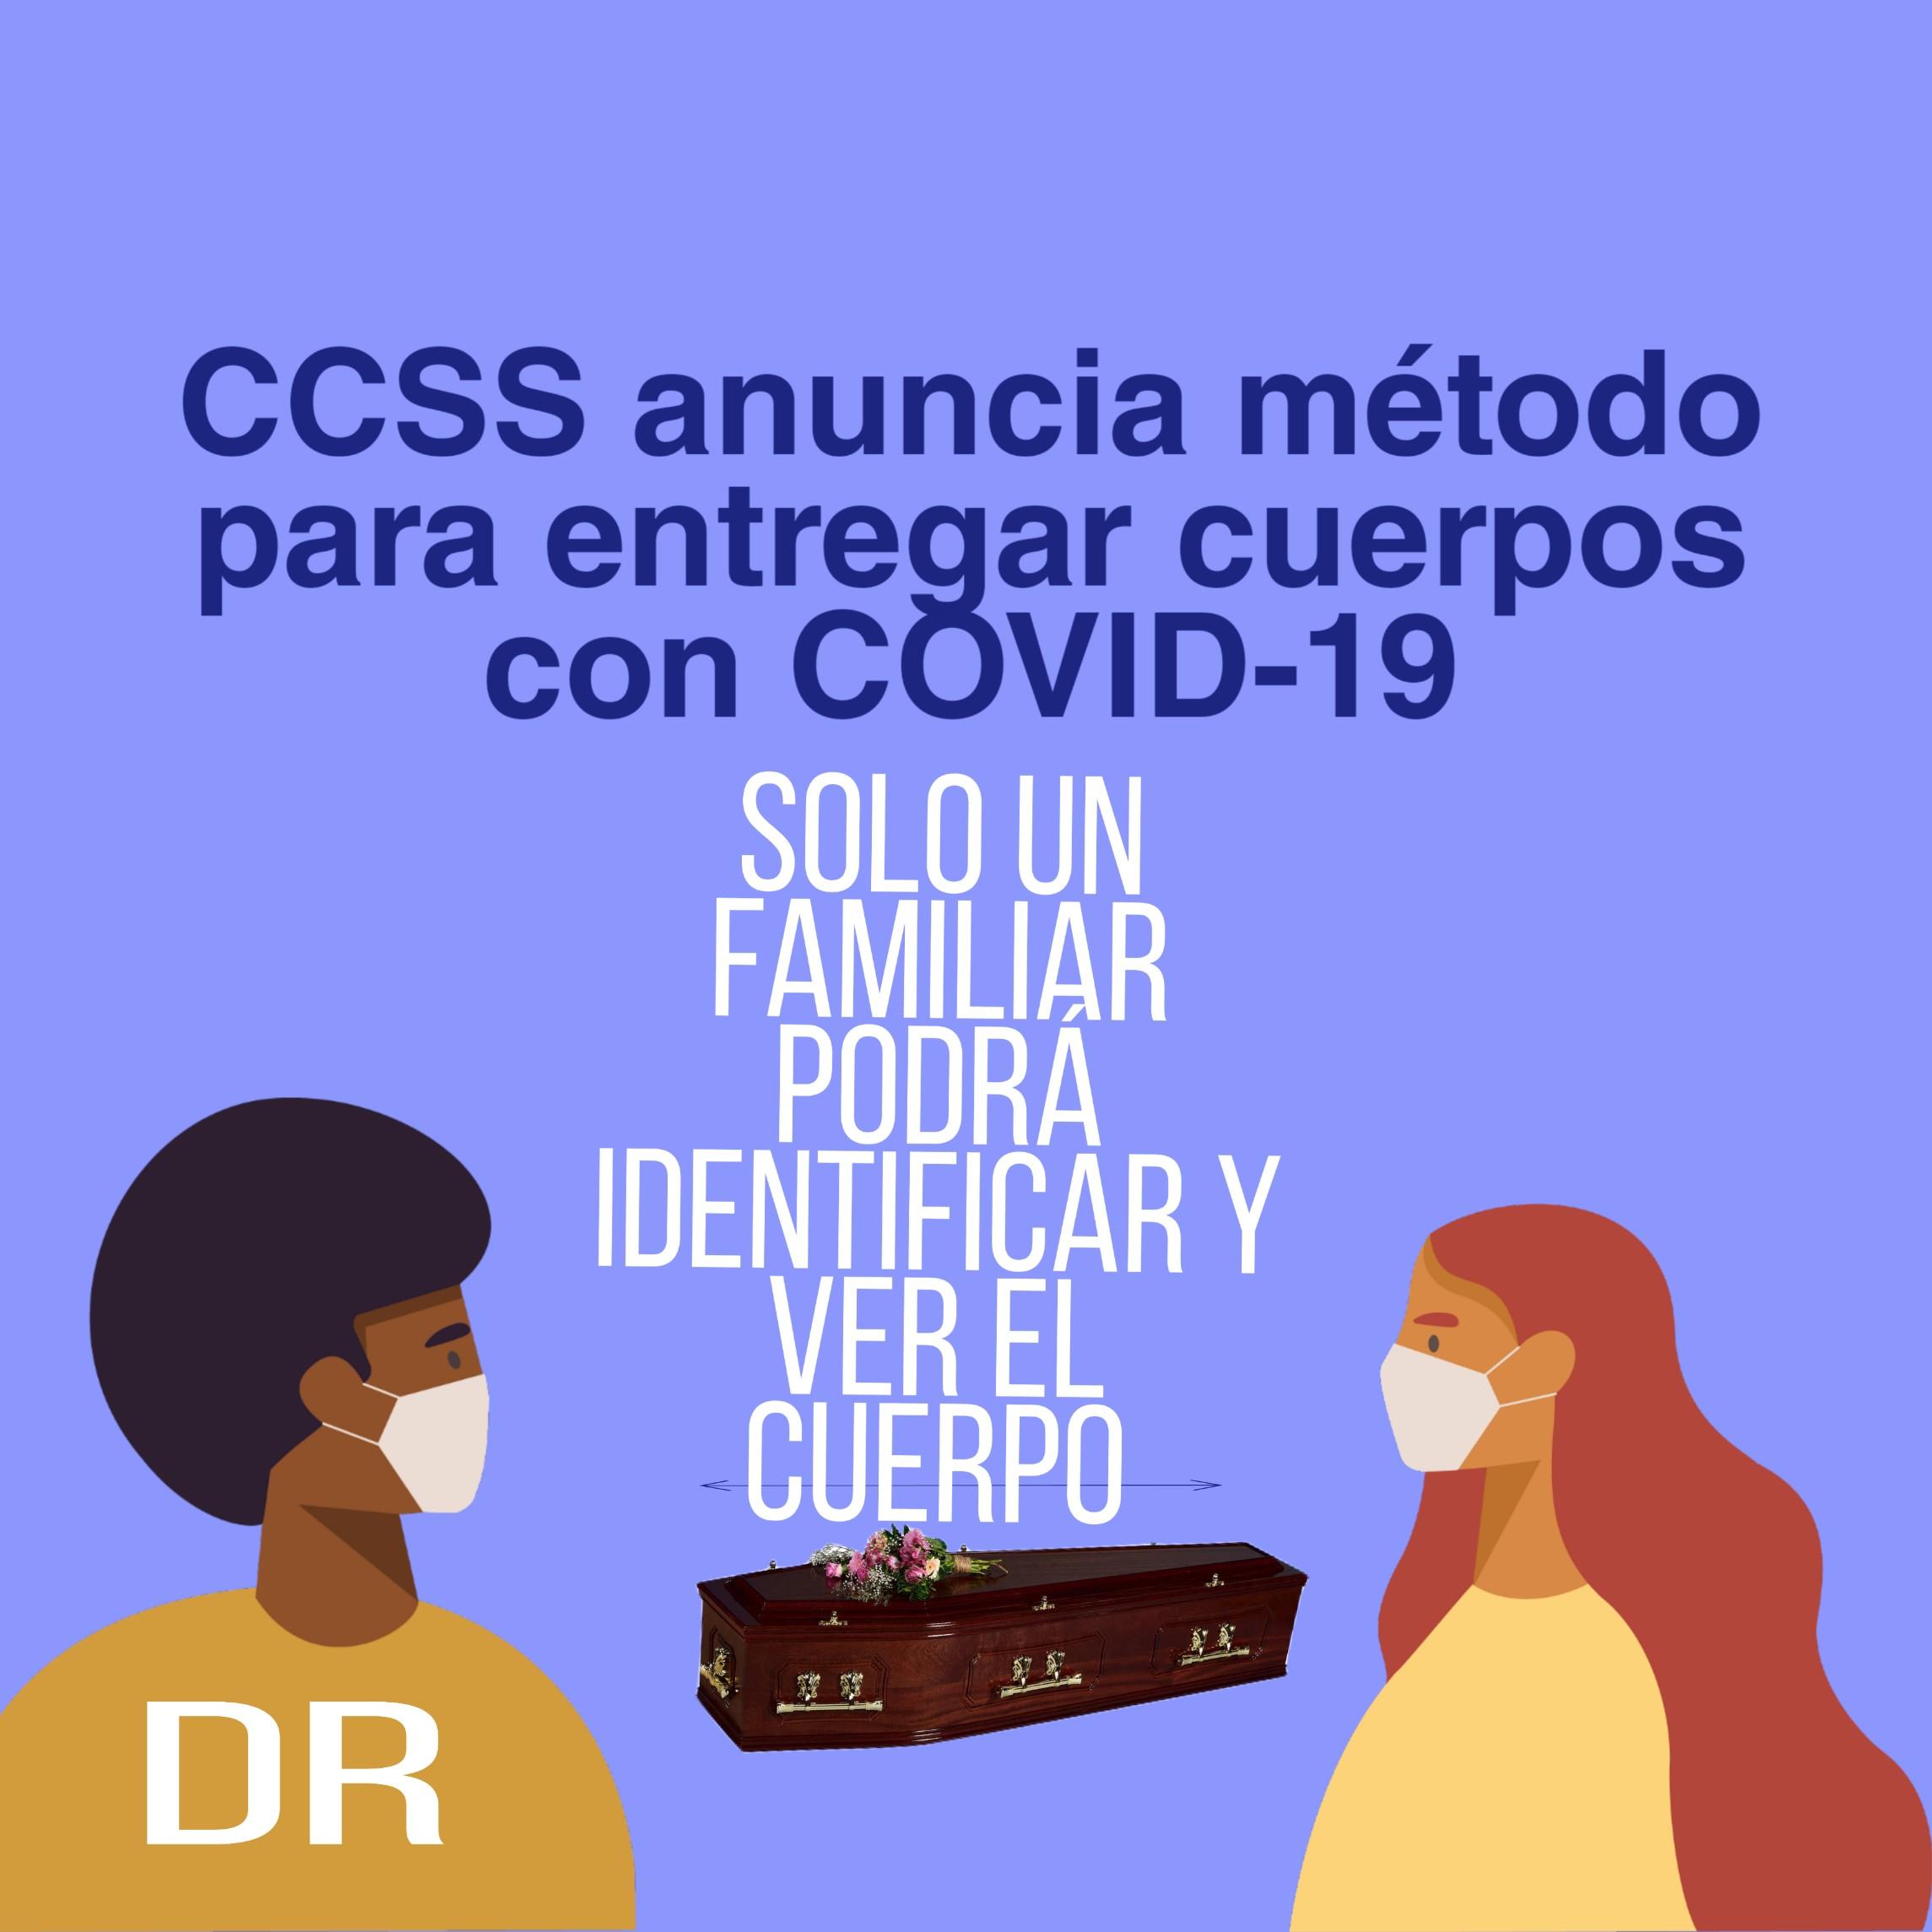 Photo of Caja anuncia el proceso de identificación de cuerpos cuando un paciente fallece por COVID-19